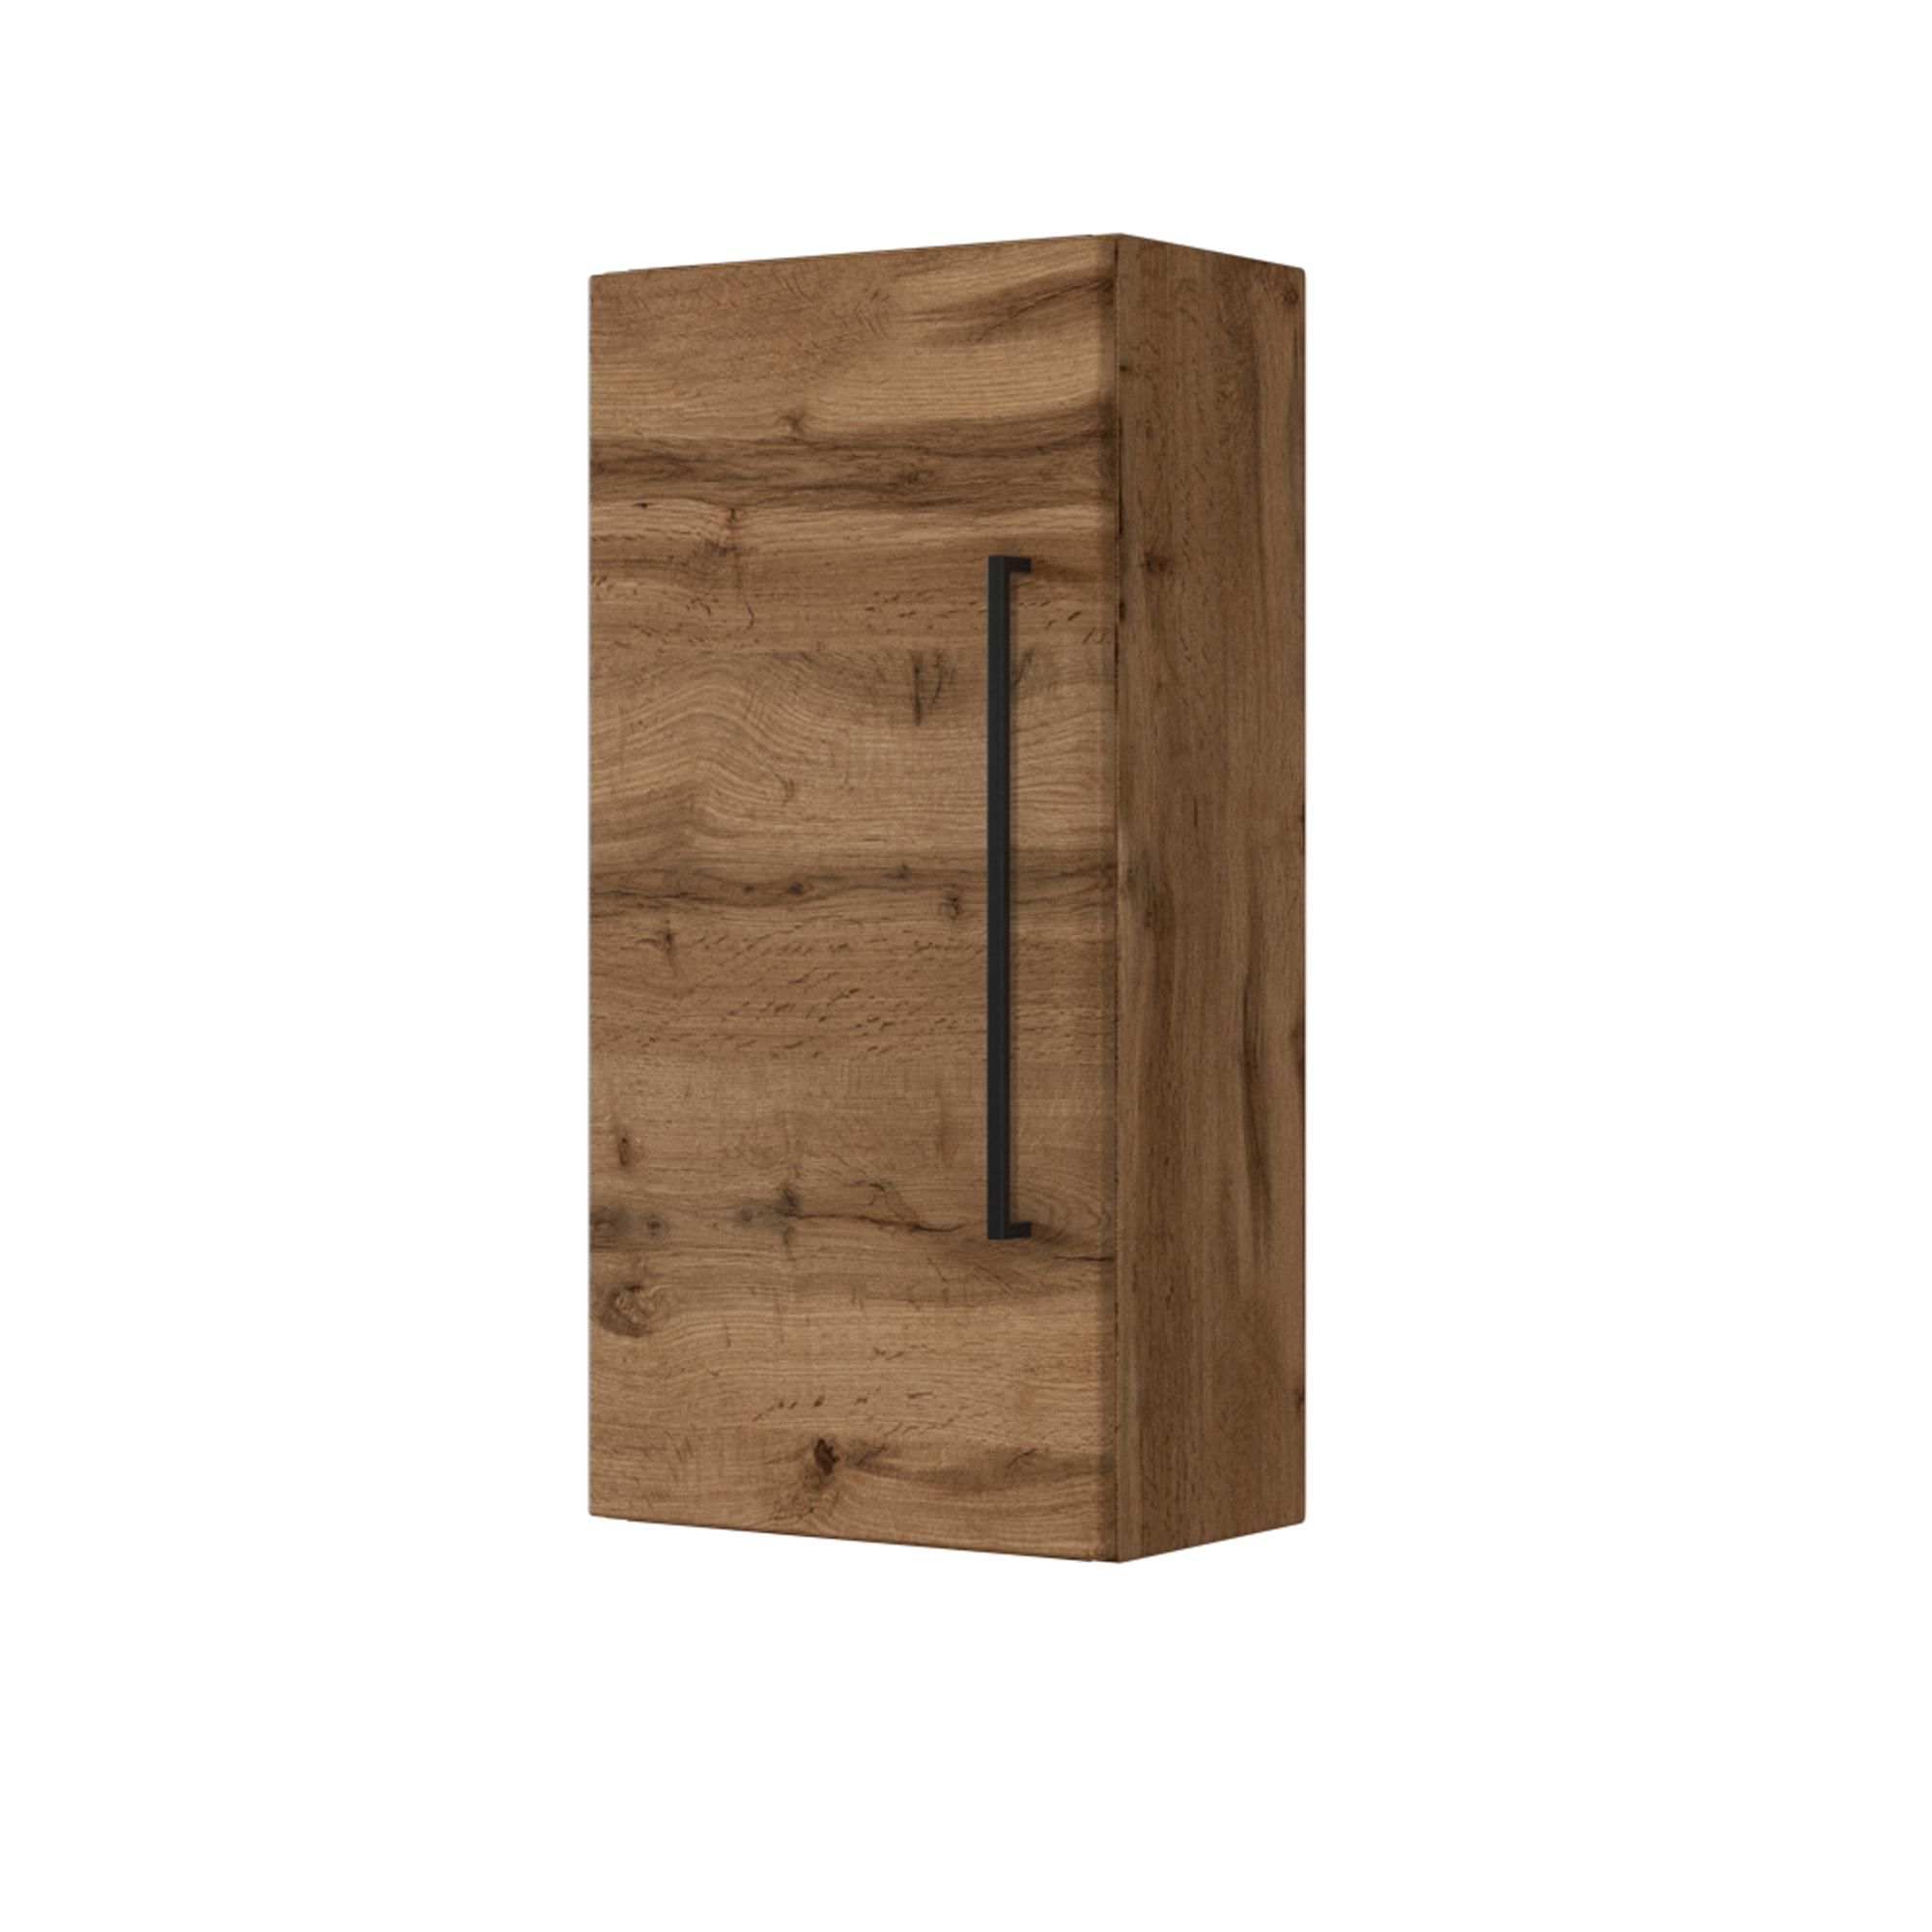 Details zu Badezimmer Hängeschrank Bad Badschrank Badmöbel  Badezimmerschrank wotan-eiche